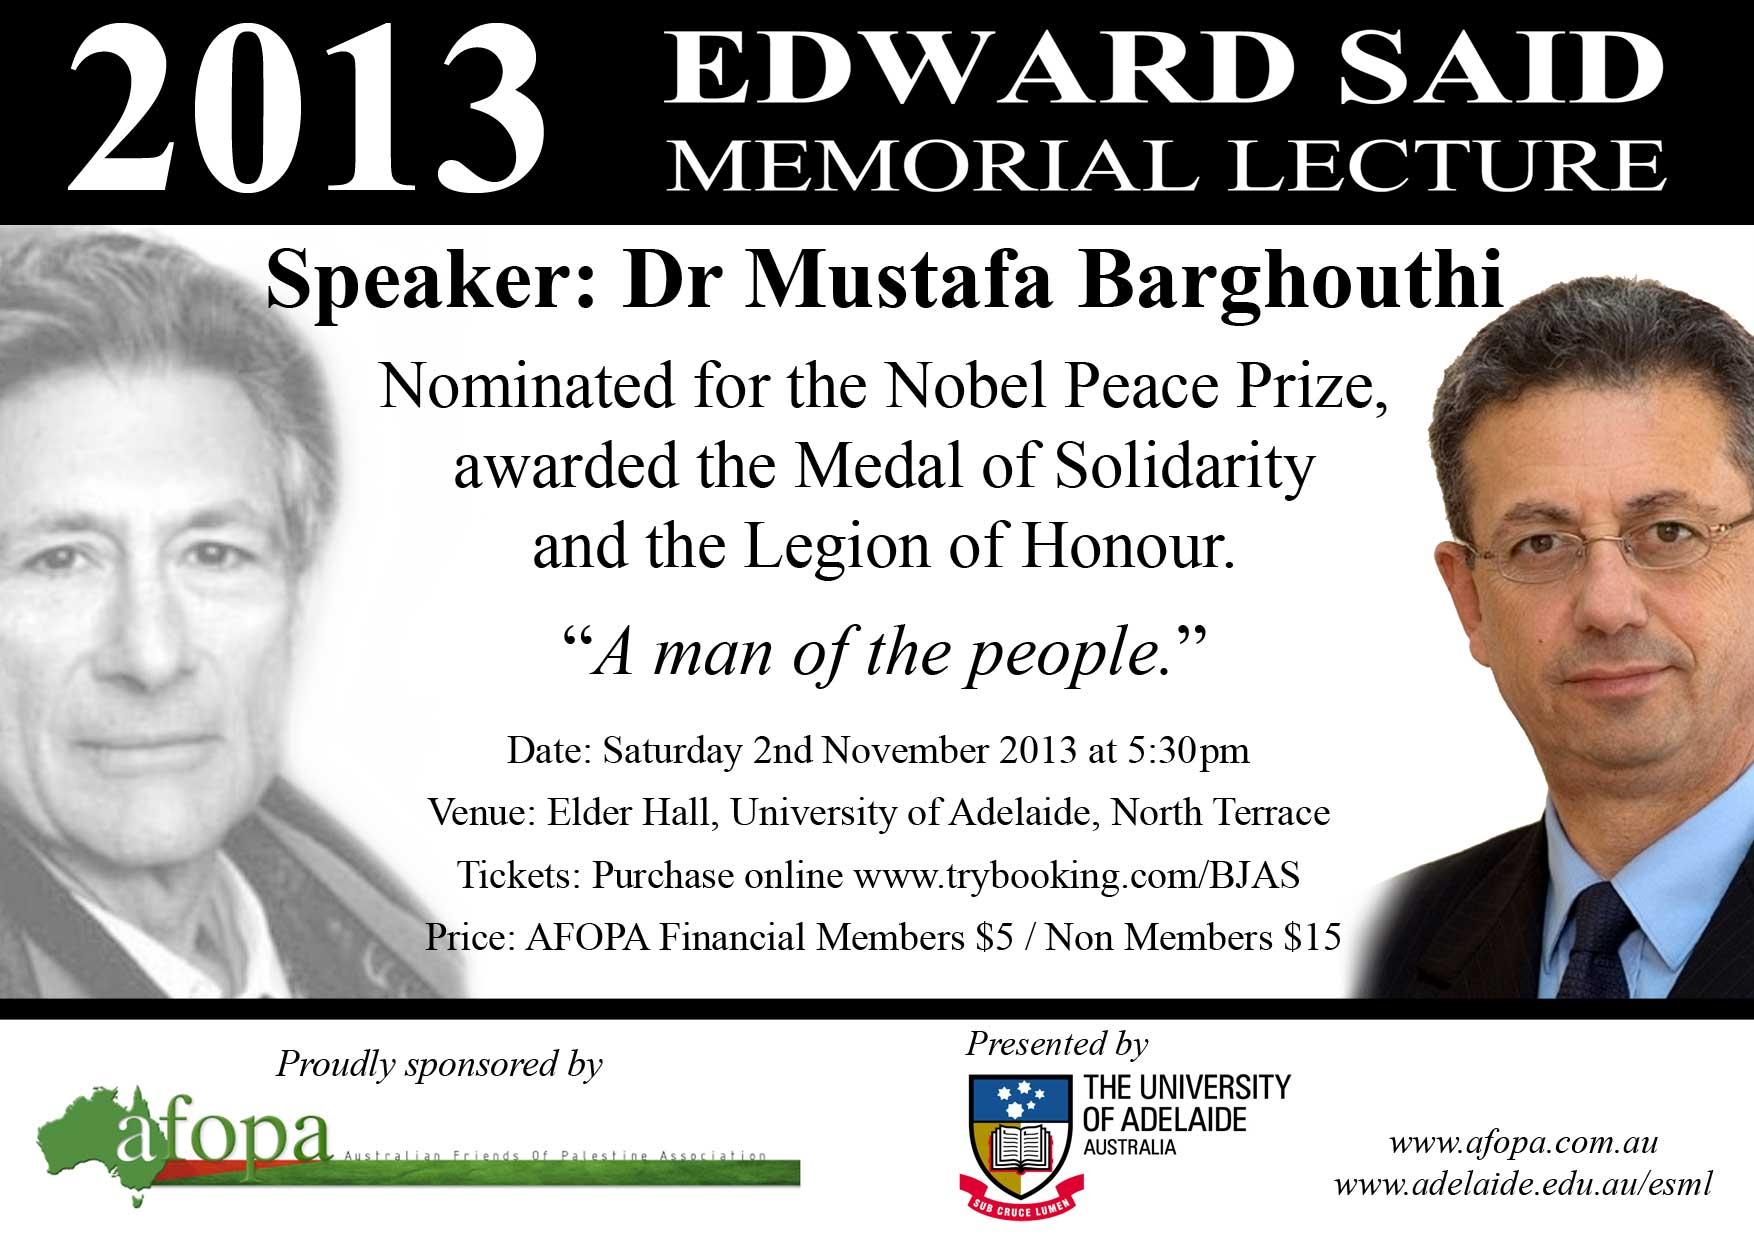 ESML-2013-Dr-Mustafa-Barghouthi-Flyer